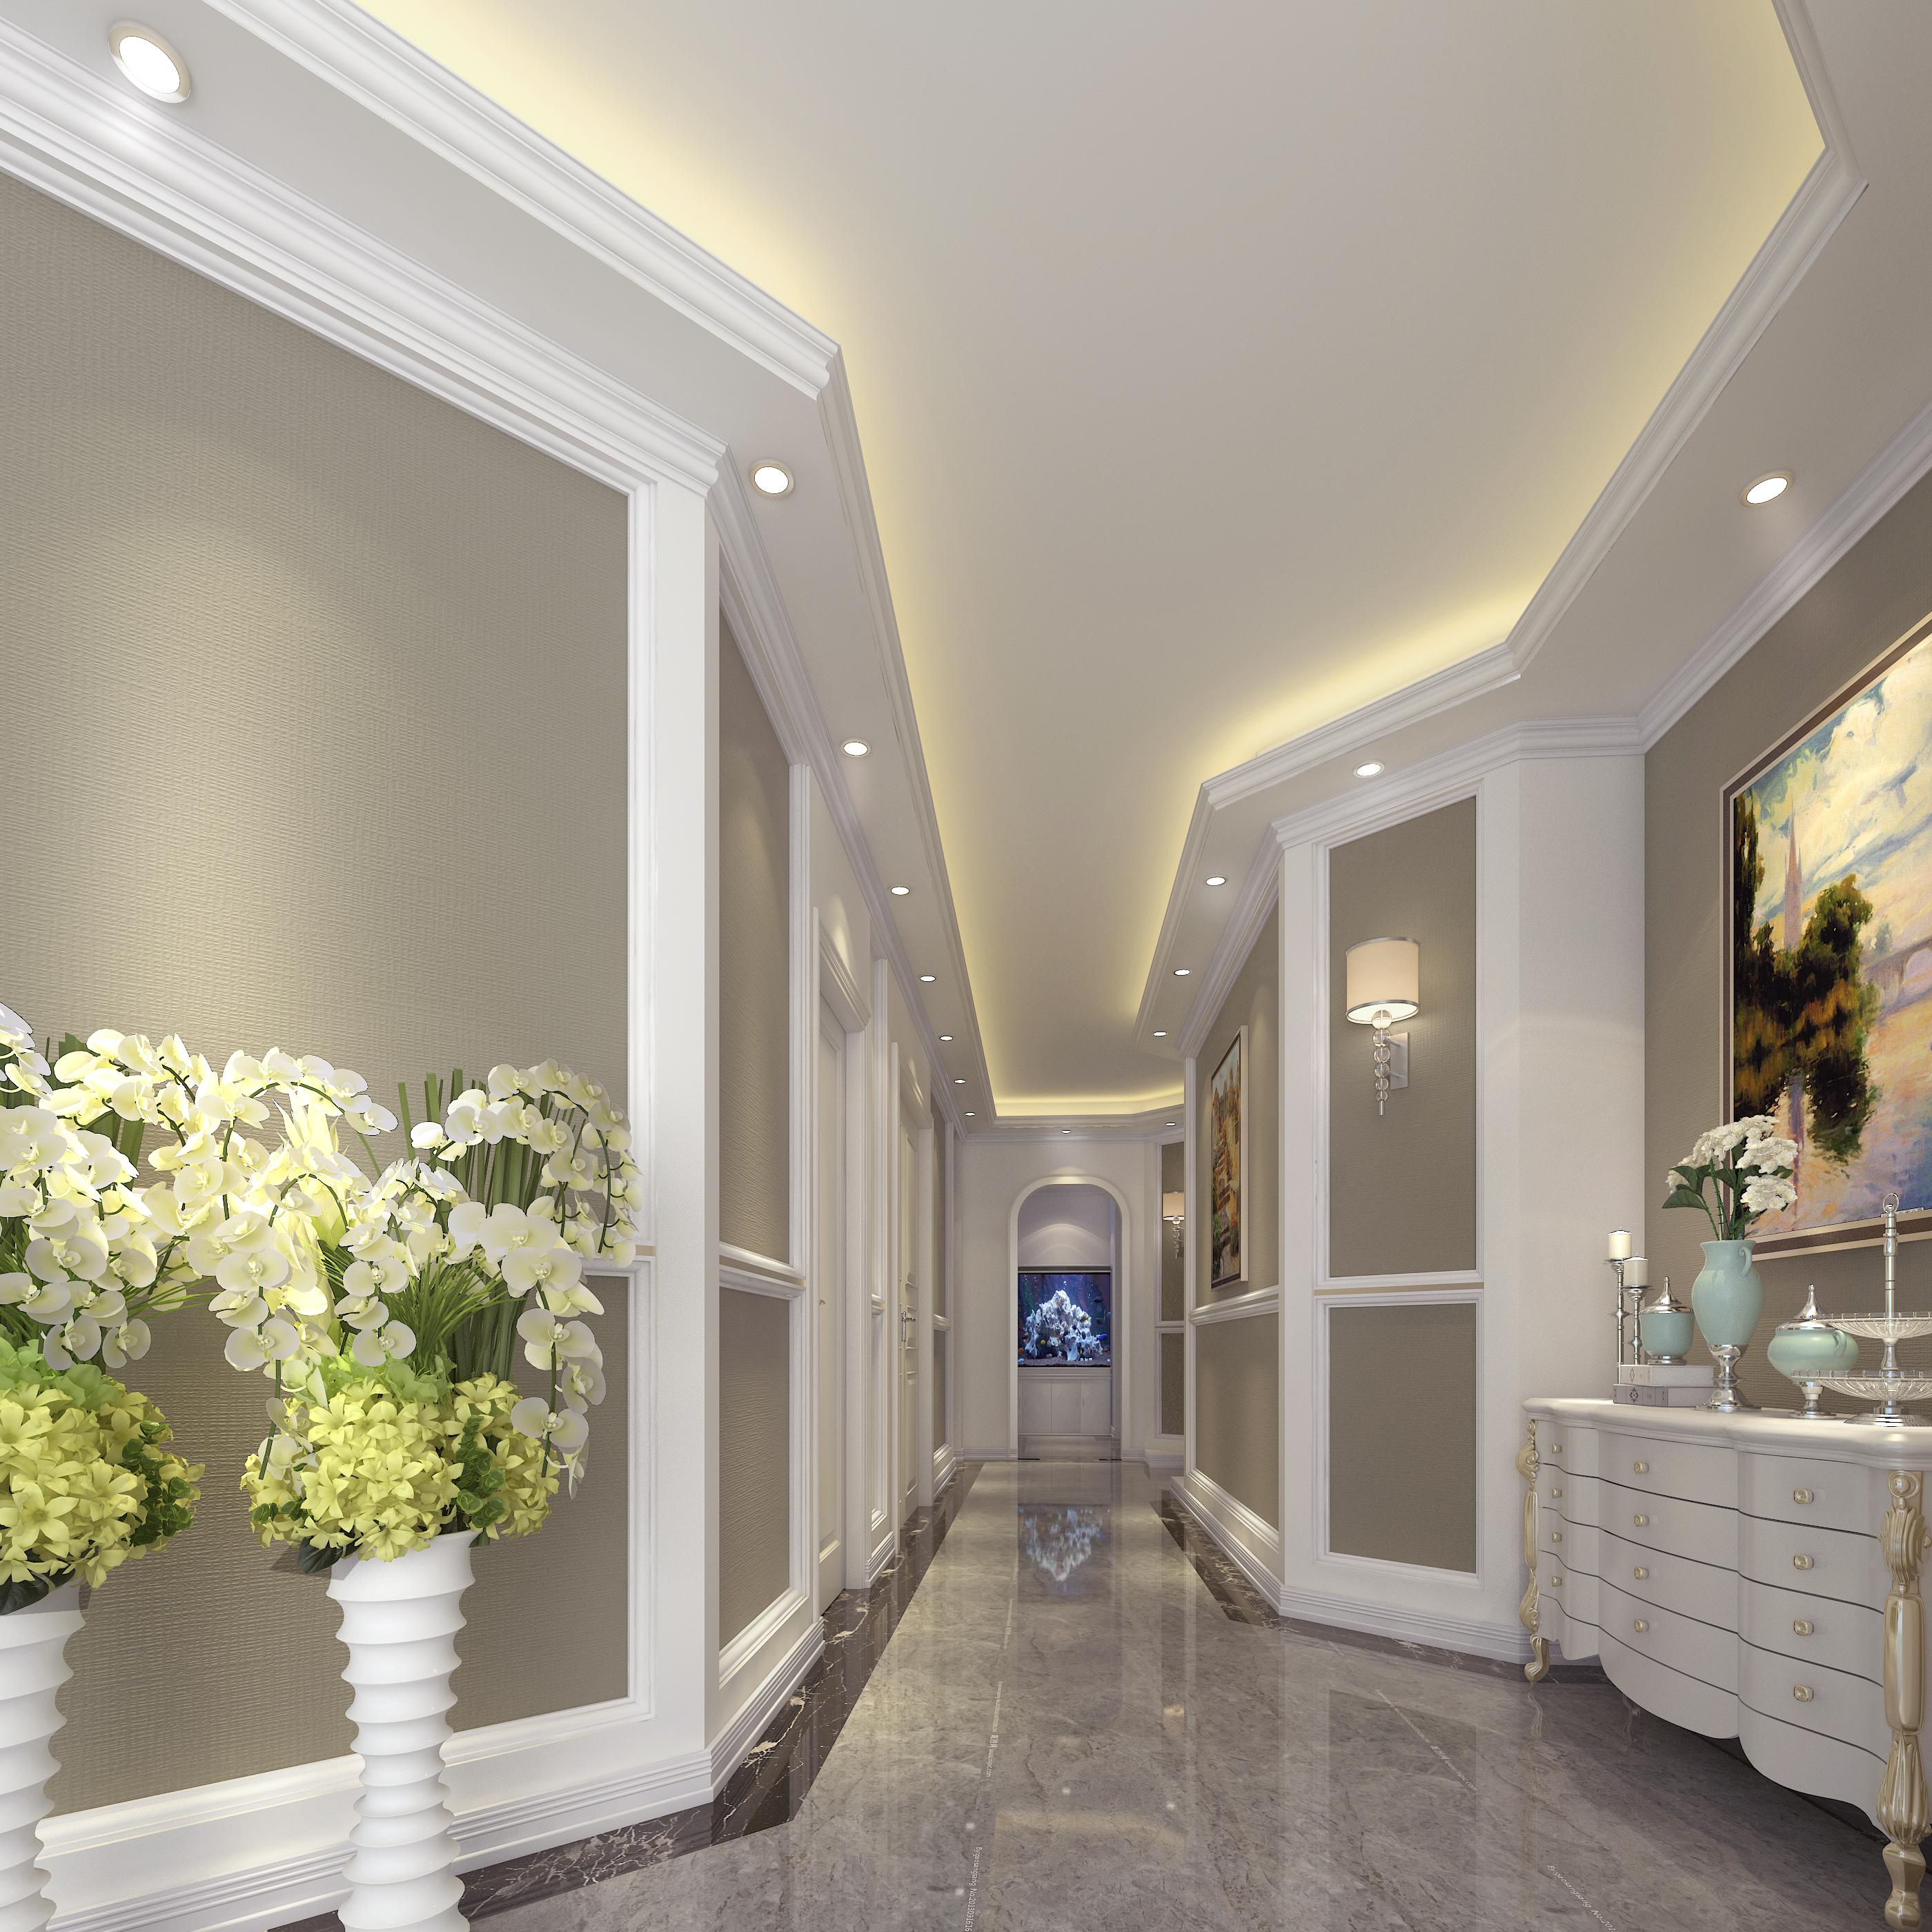 湖北襄陽spa美容會所裝修設計大廳走廊裝修效果圖圖片